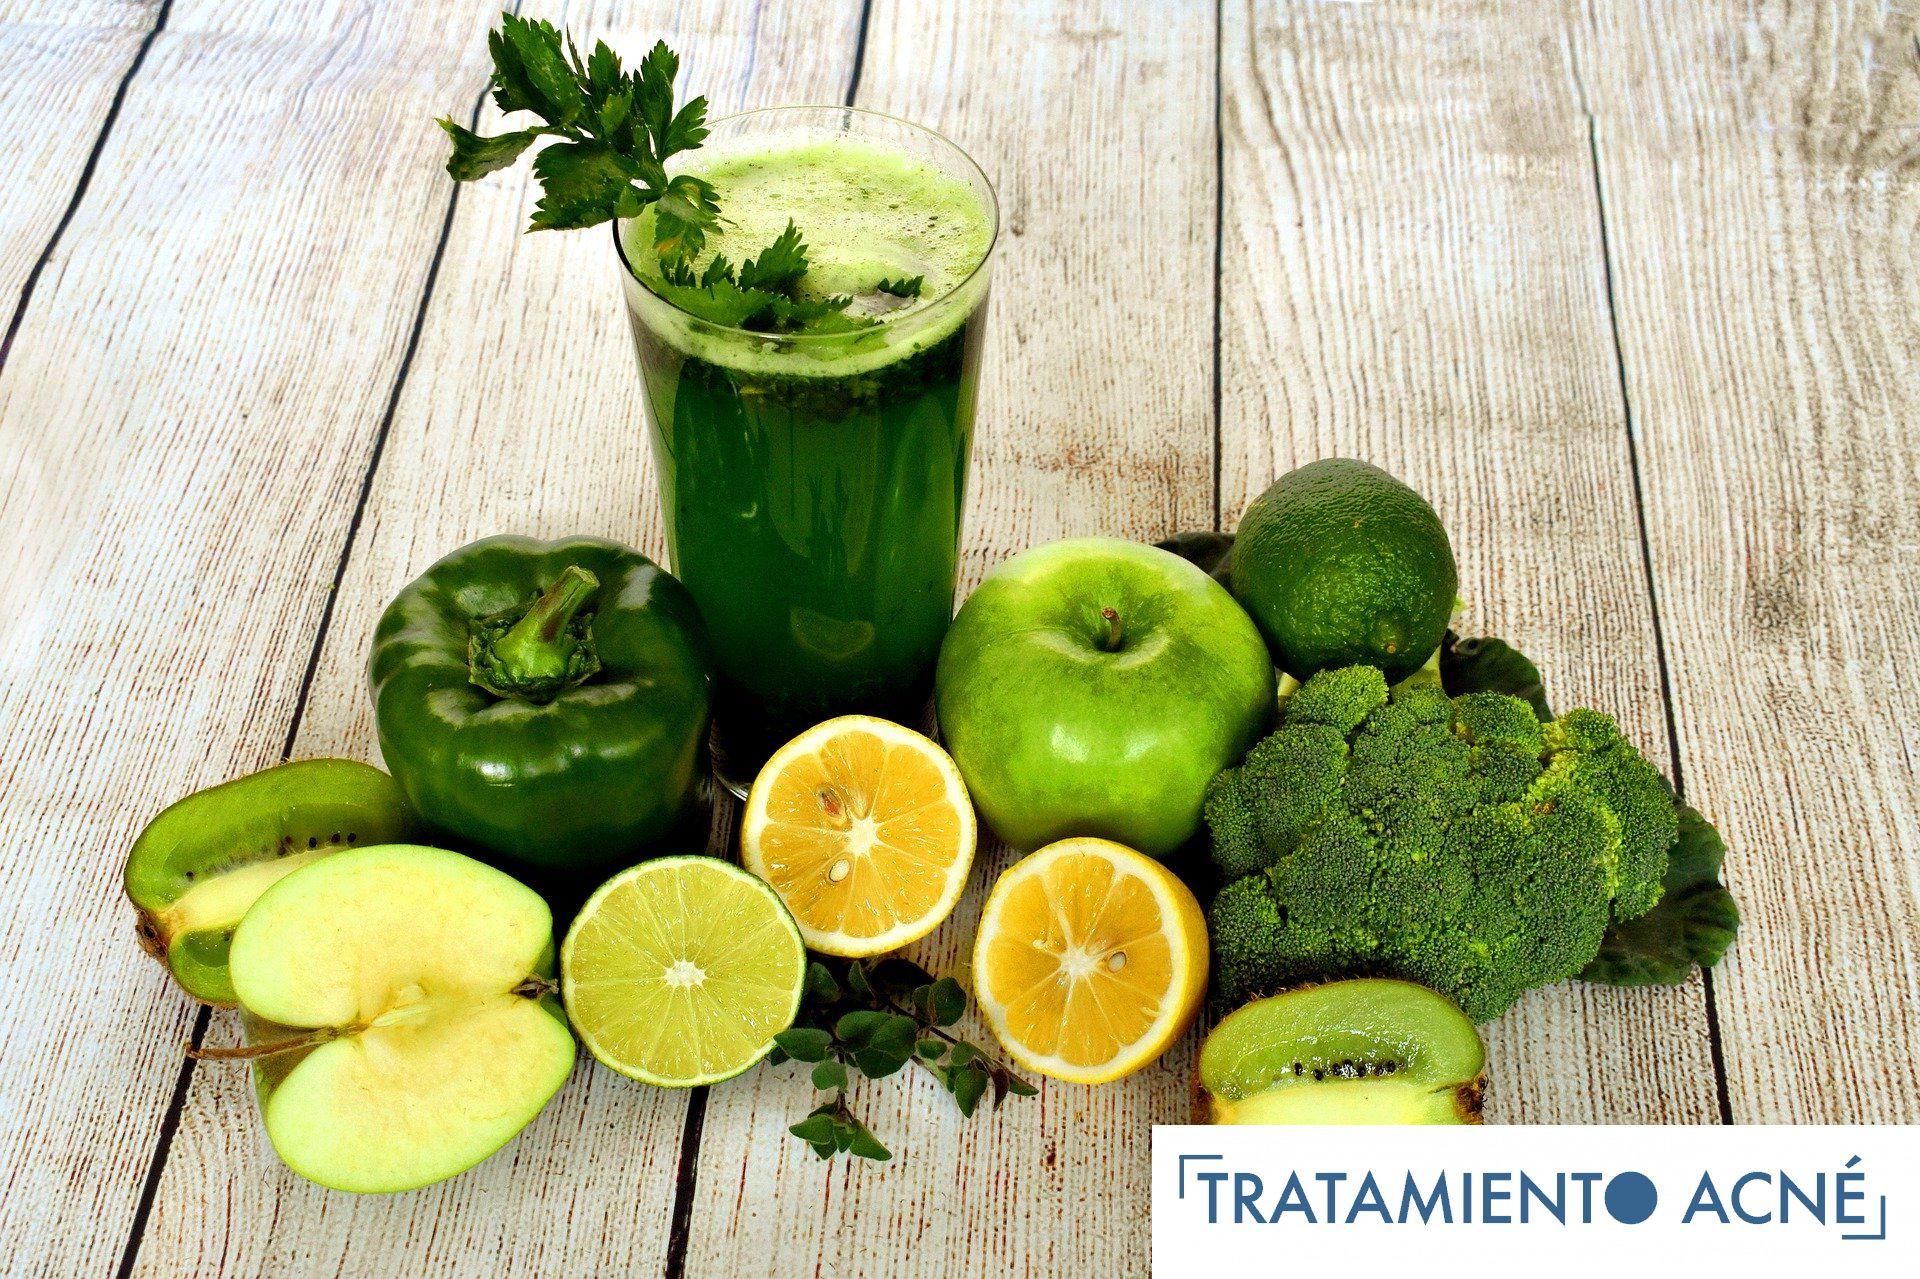 Antioxidante Acne